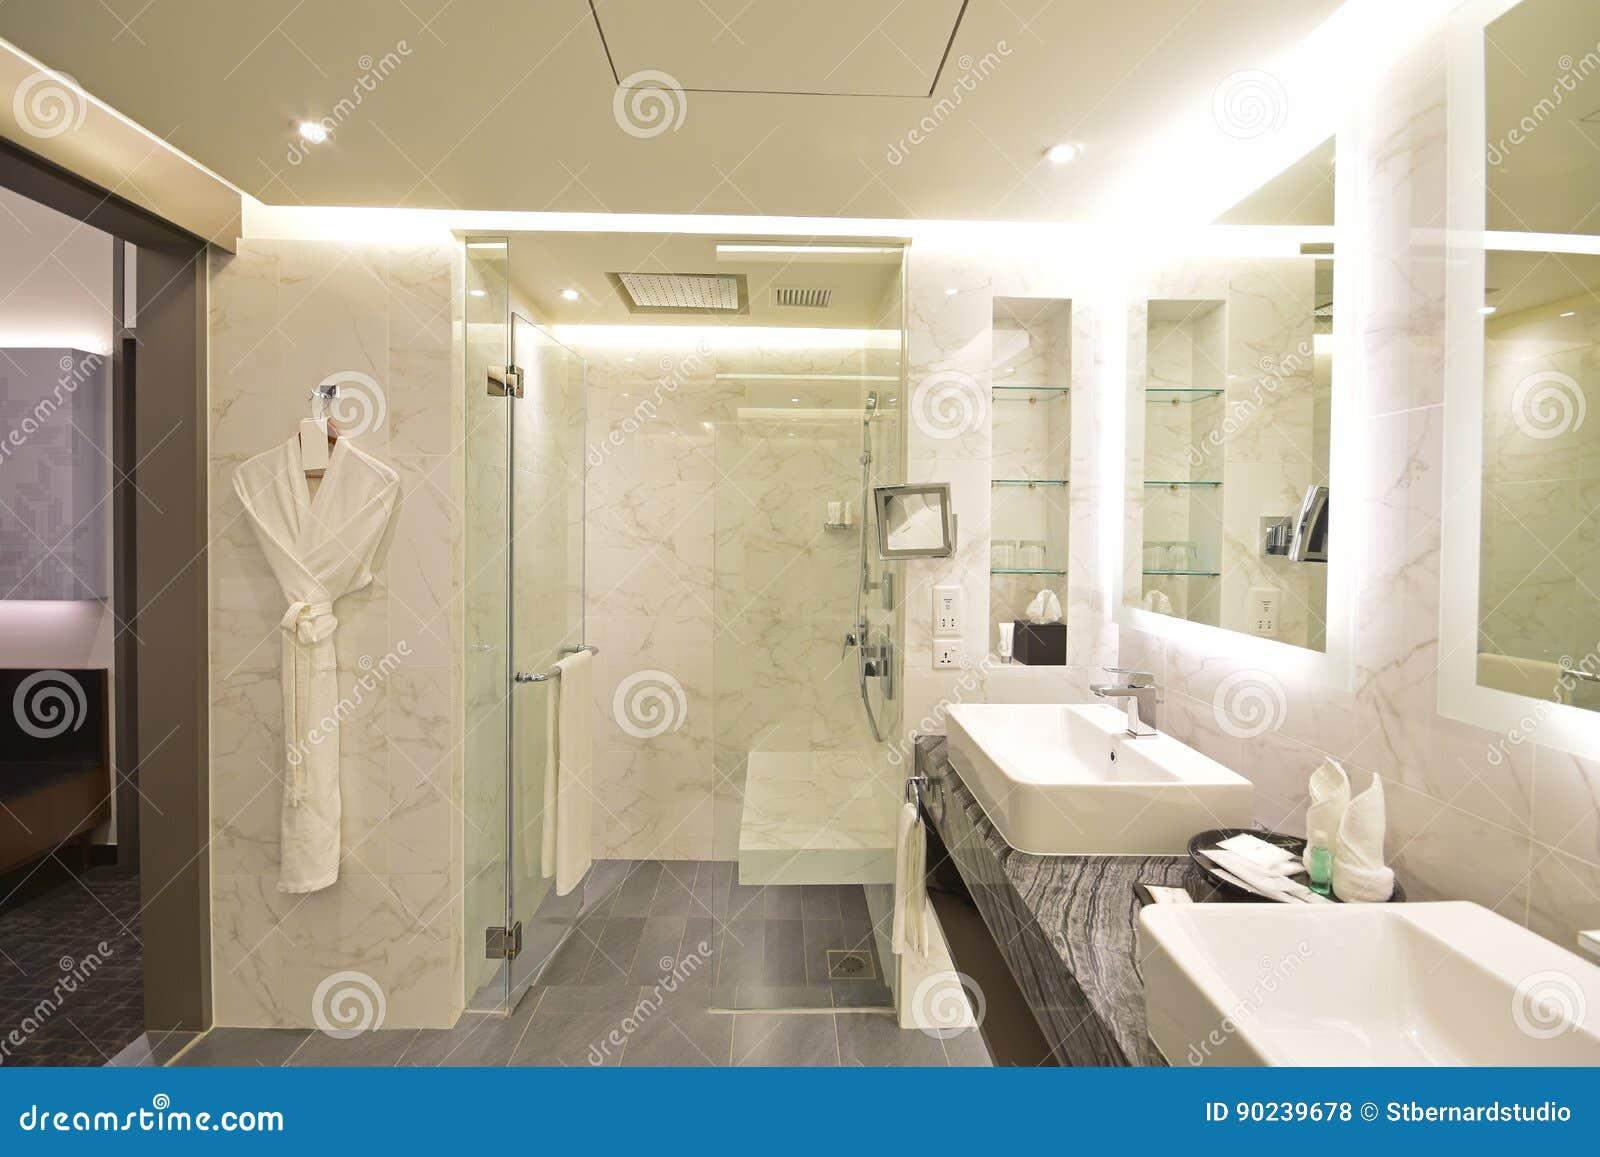 Bagni In Marmo Di Carrara : Bagno della serie di albergo di lusso con il concetto bianco e